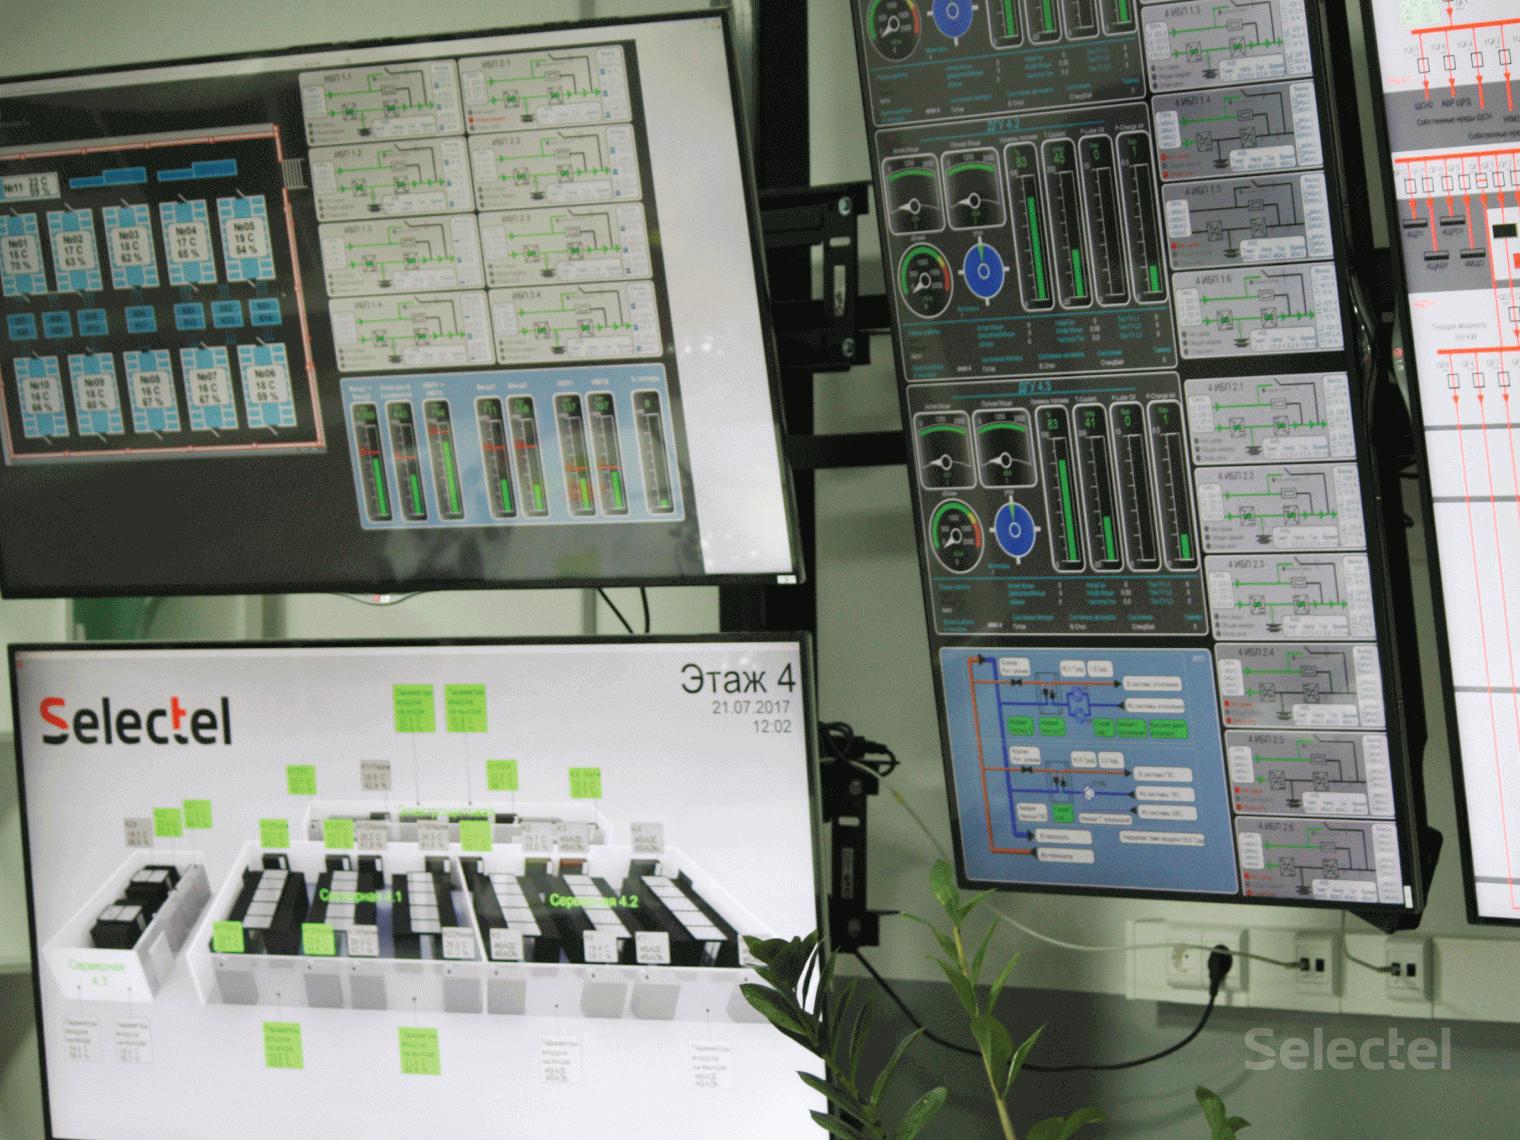 Информация о состоянии систем электропитания, включая ДГУ, собирается на больших экранах в Центре мониторинга